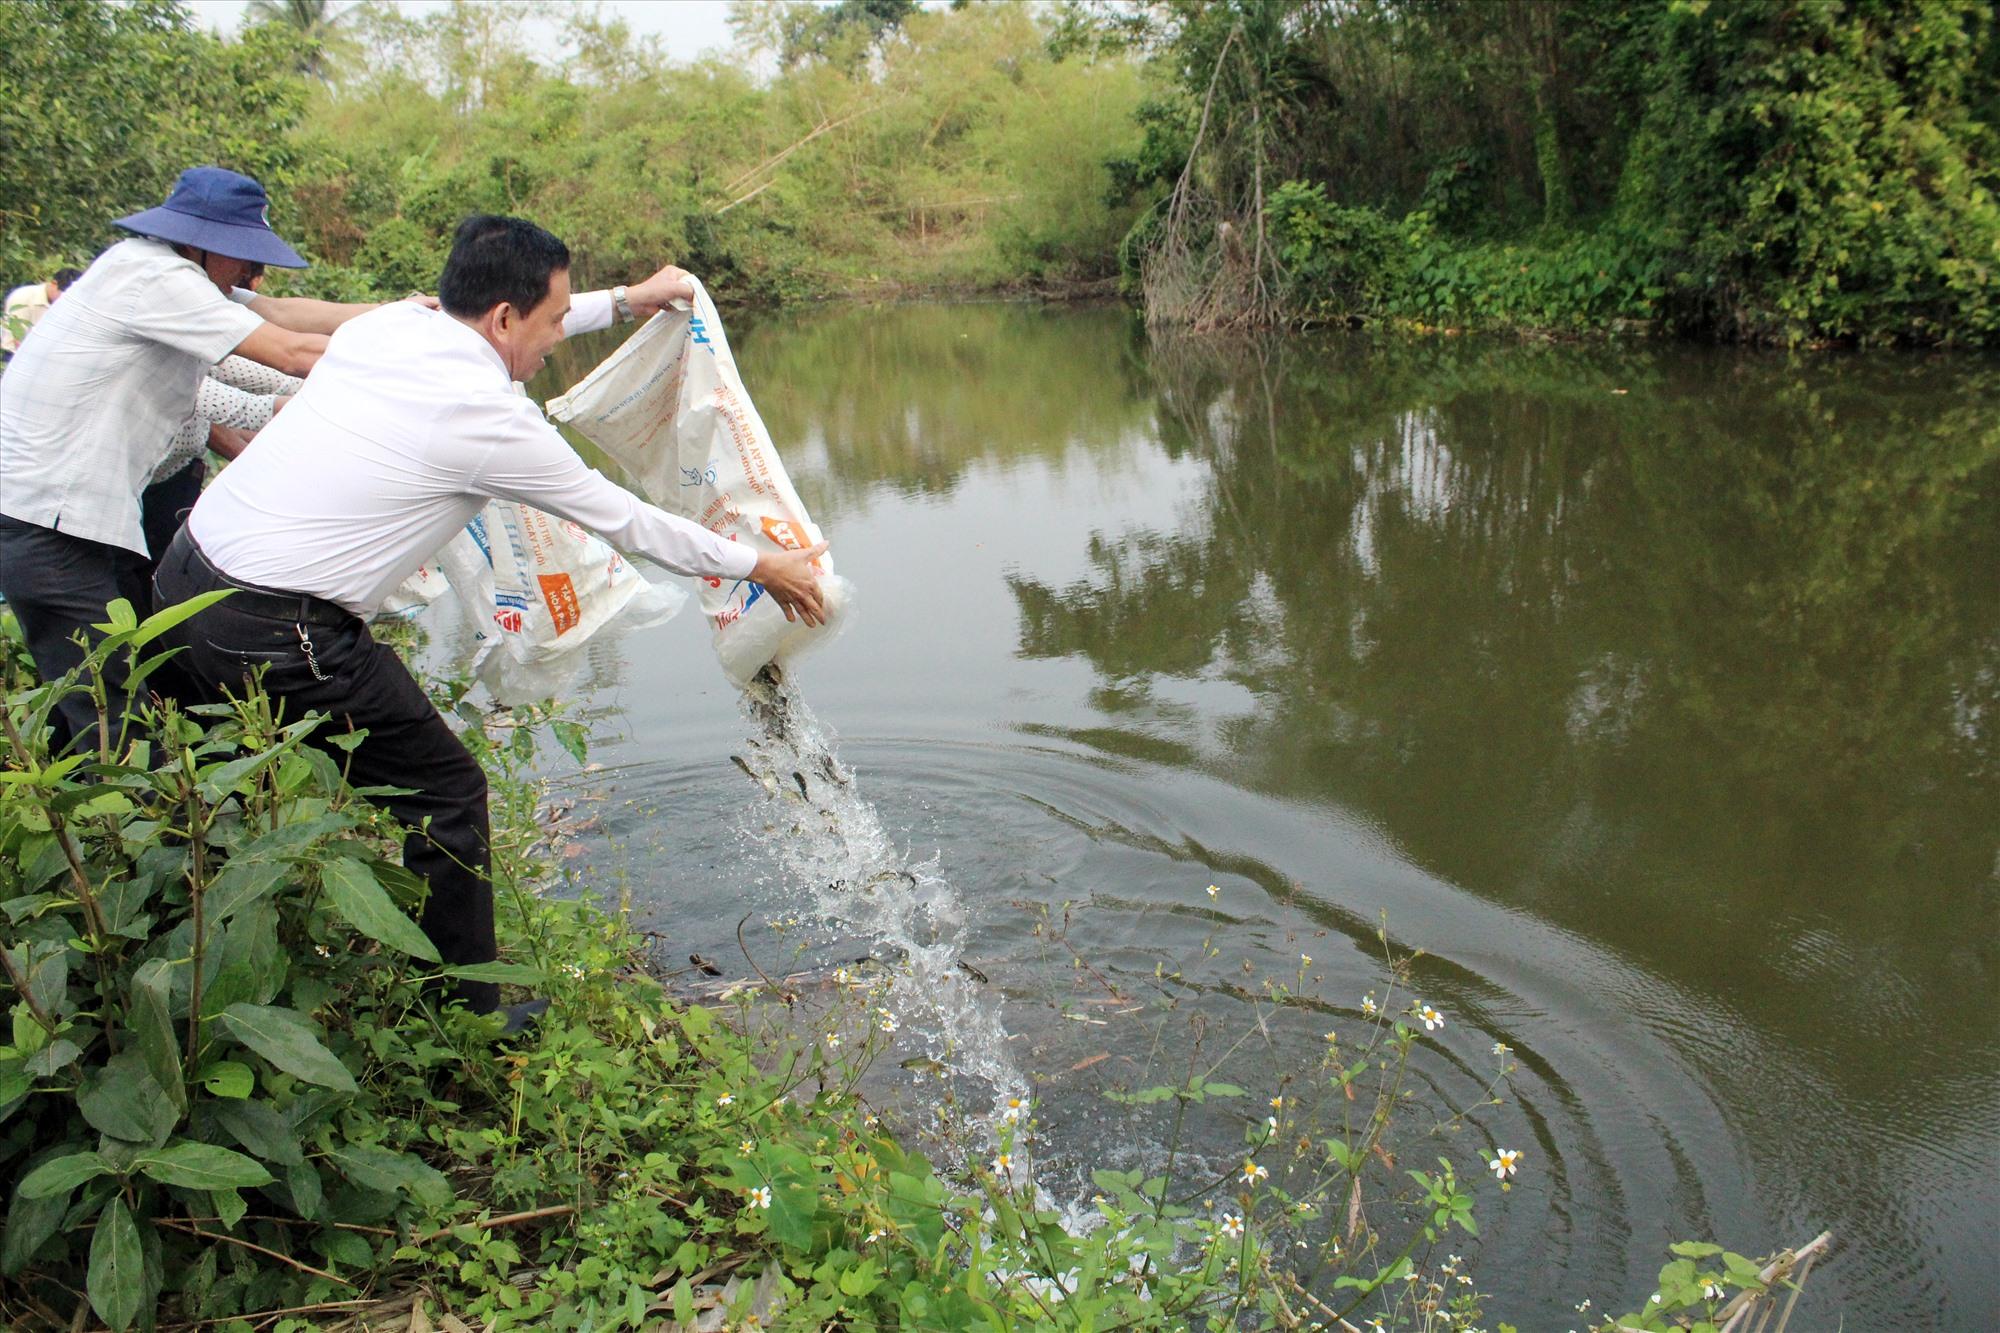 Núi Thành thả cá xuống môi trường tự nhiên. Ảnh: VĂN PHIN